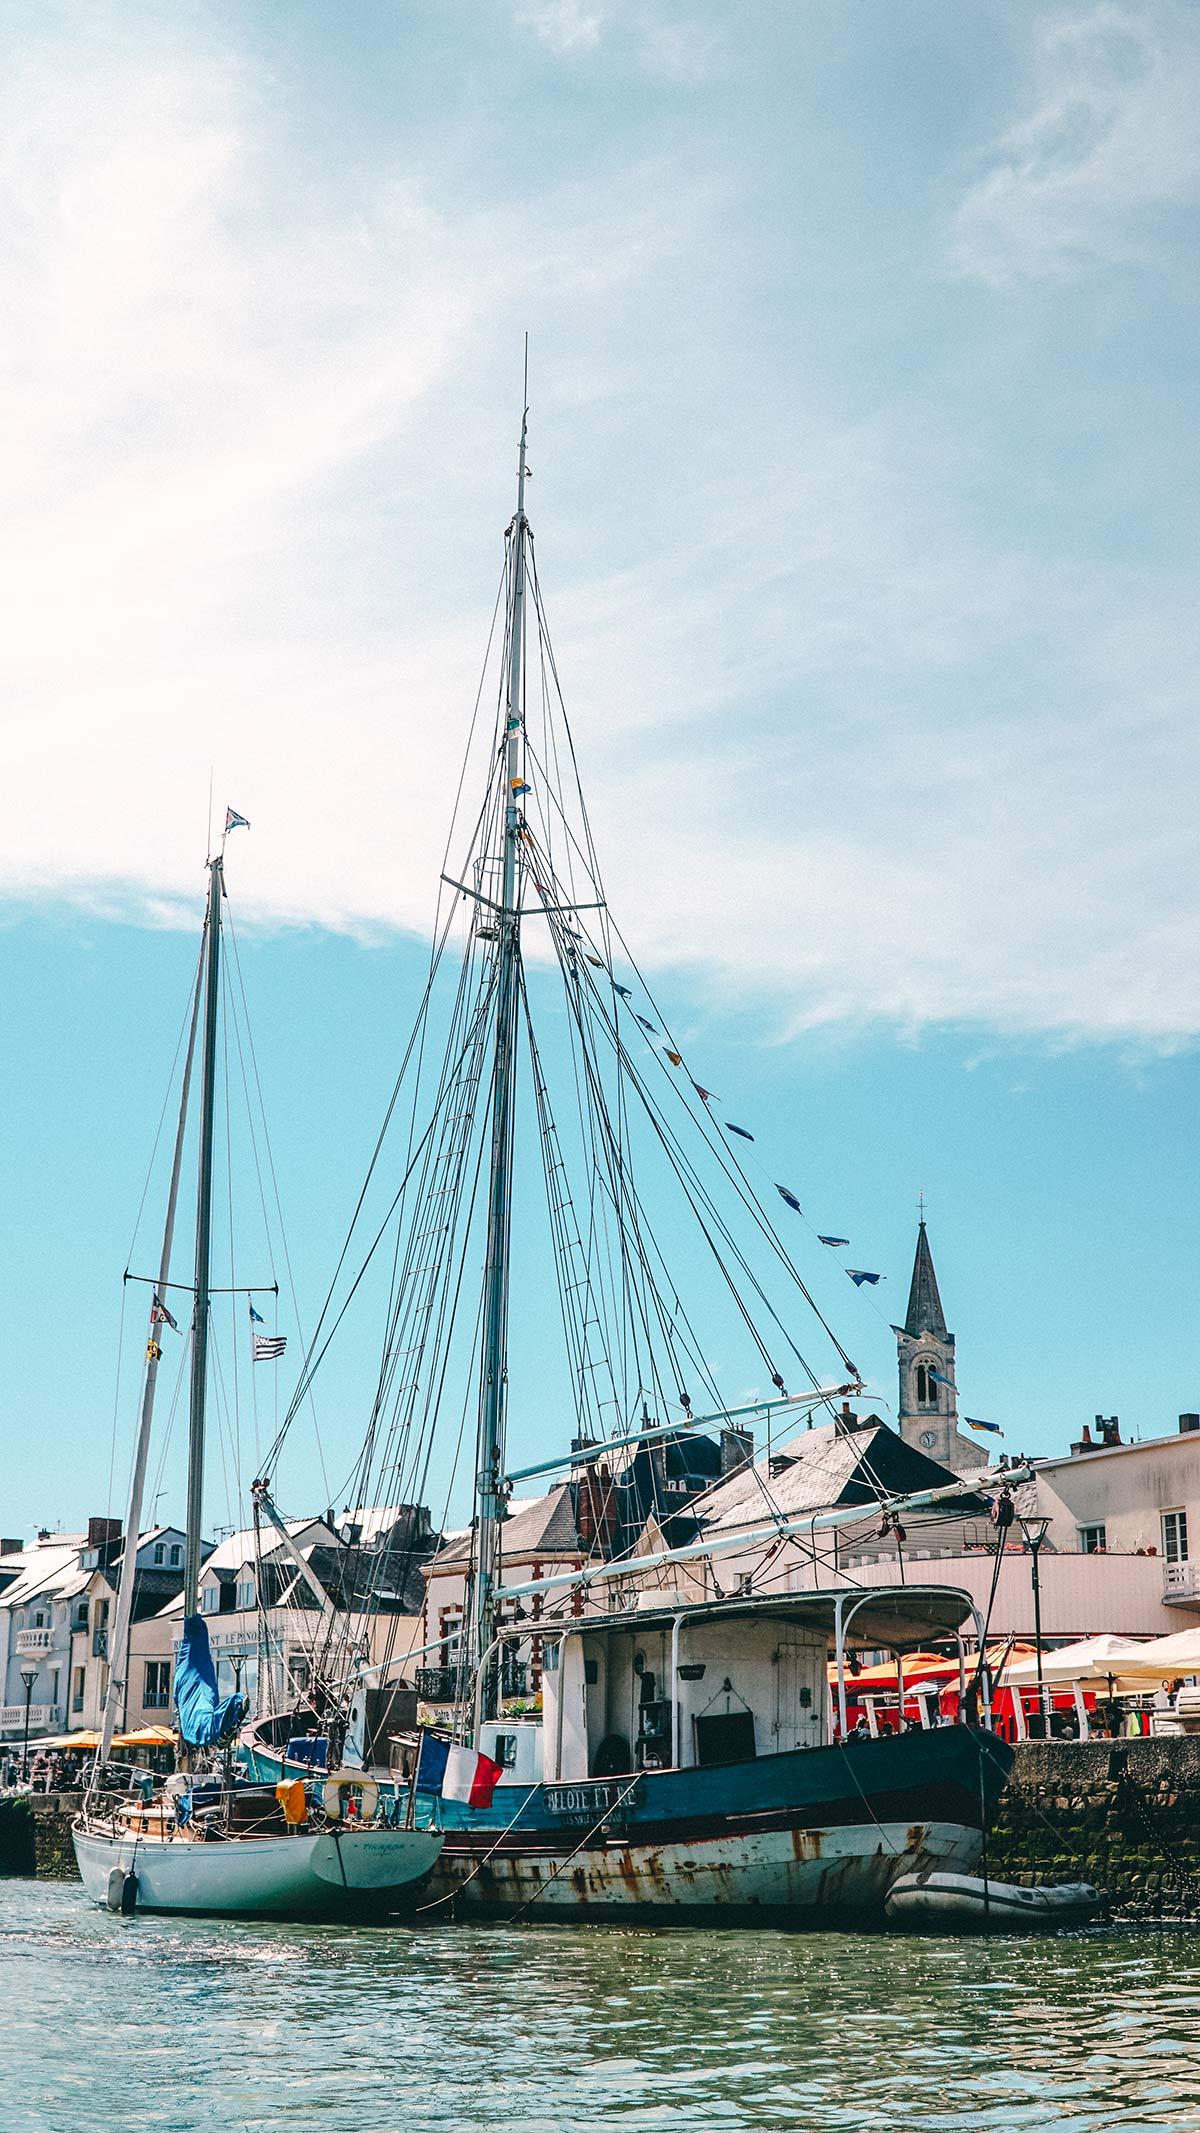 Pornic Kajaktour Hafen